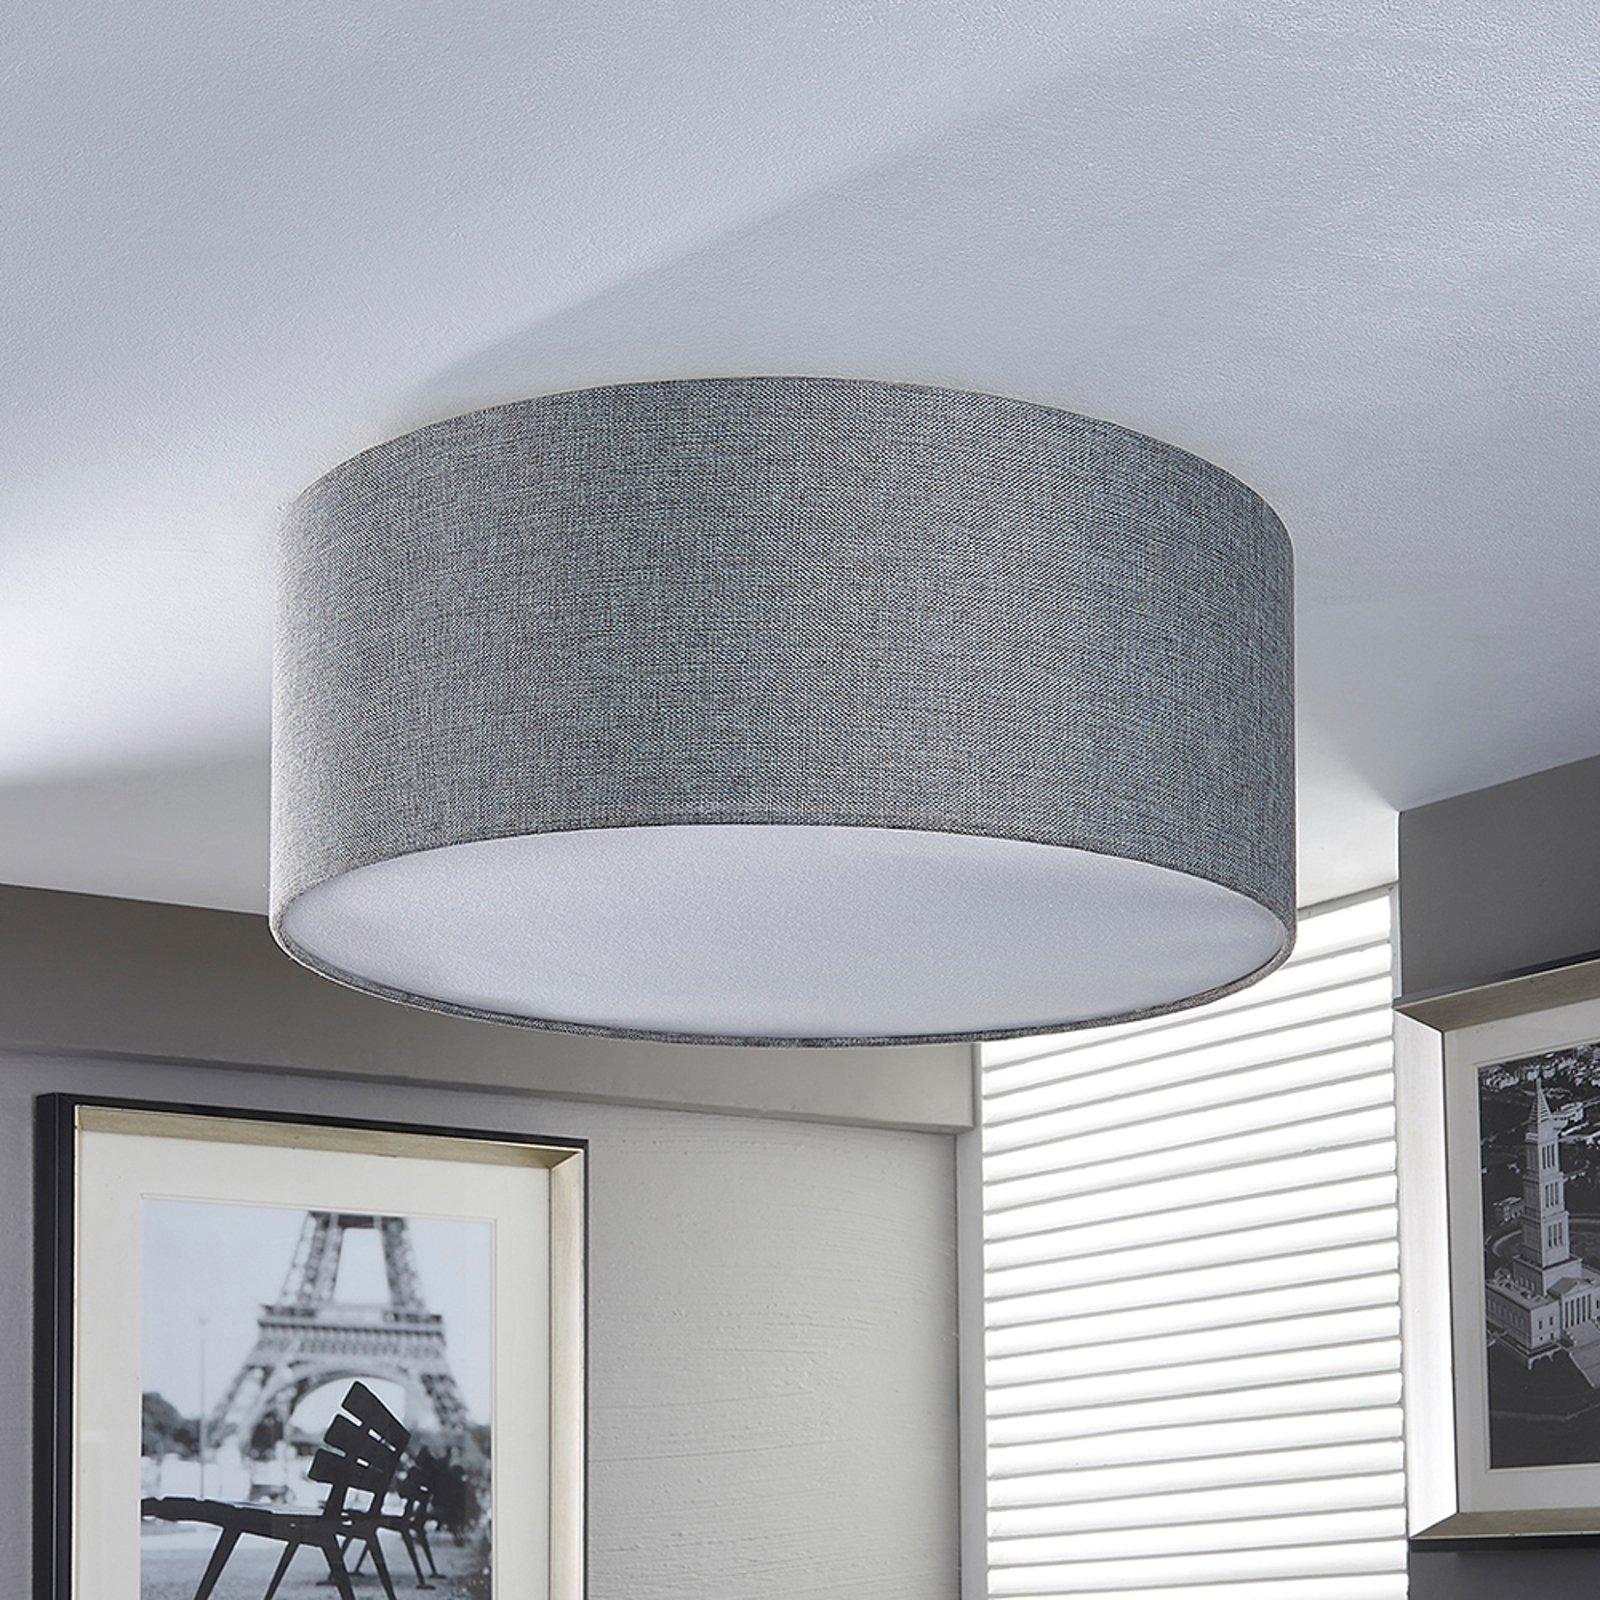 Sølvgrå stofftaklampe Pitta med linutseende